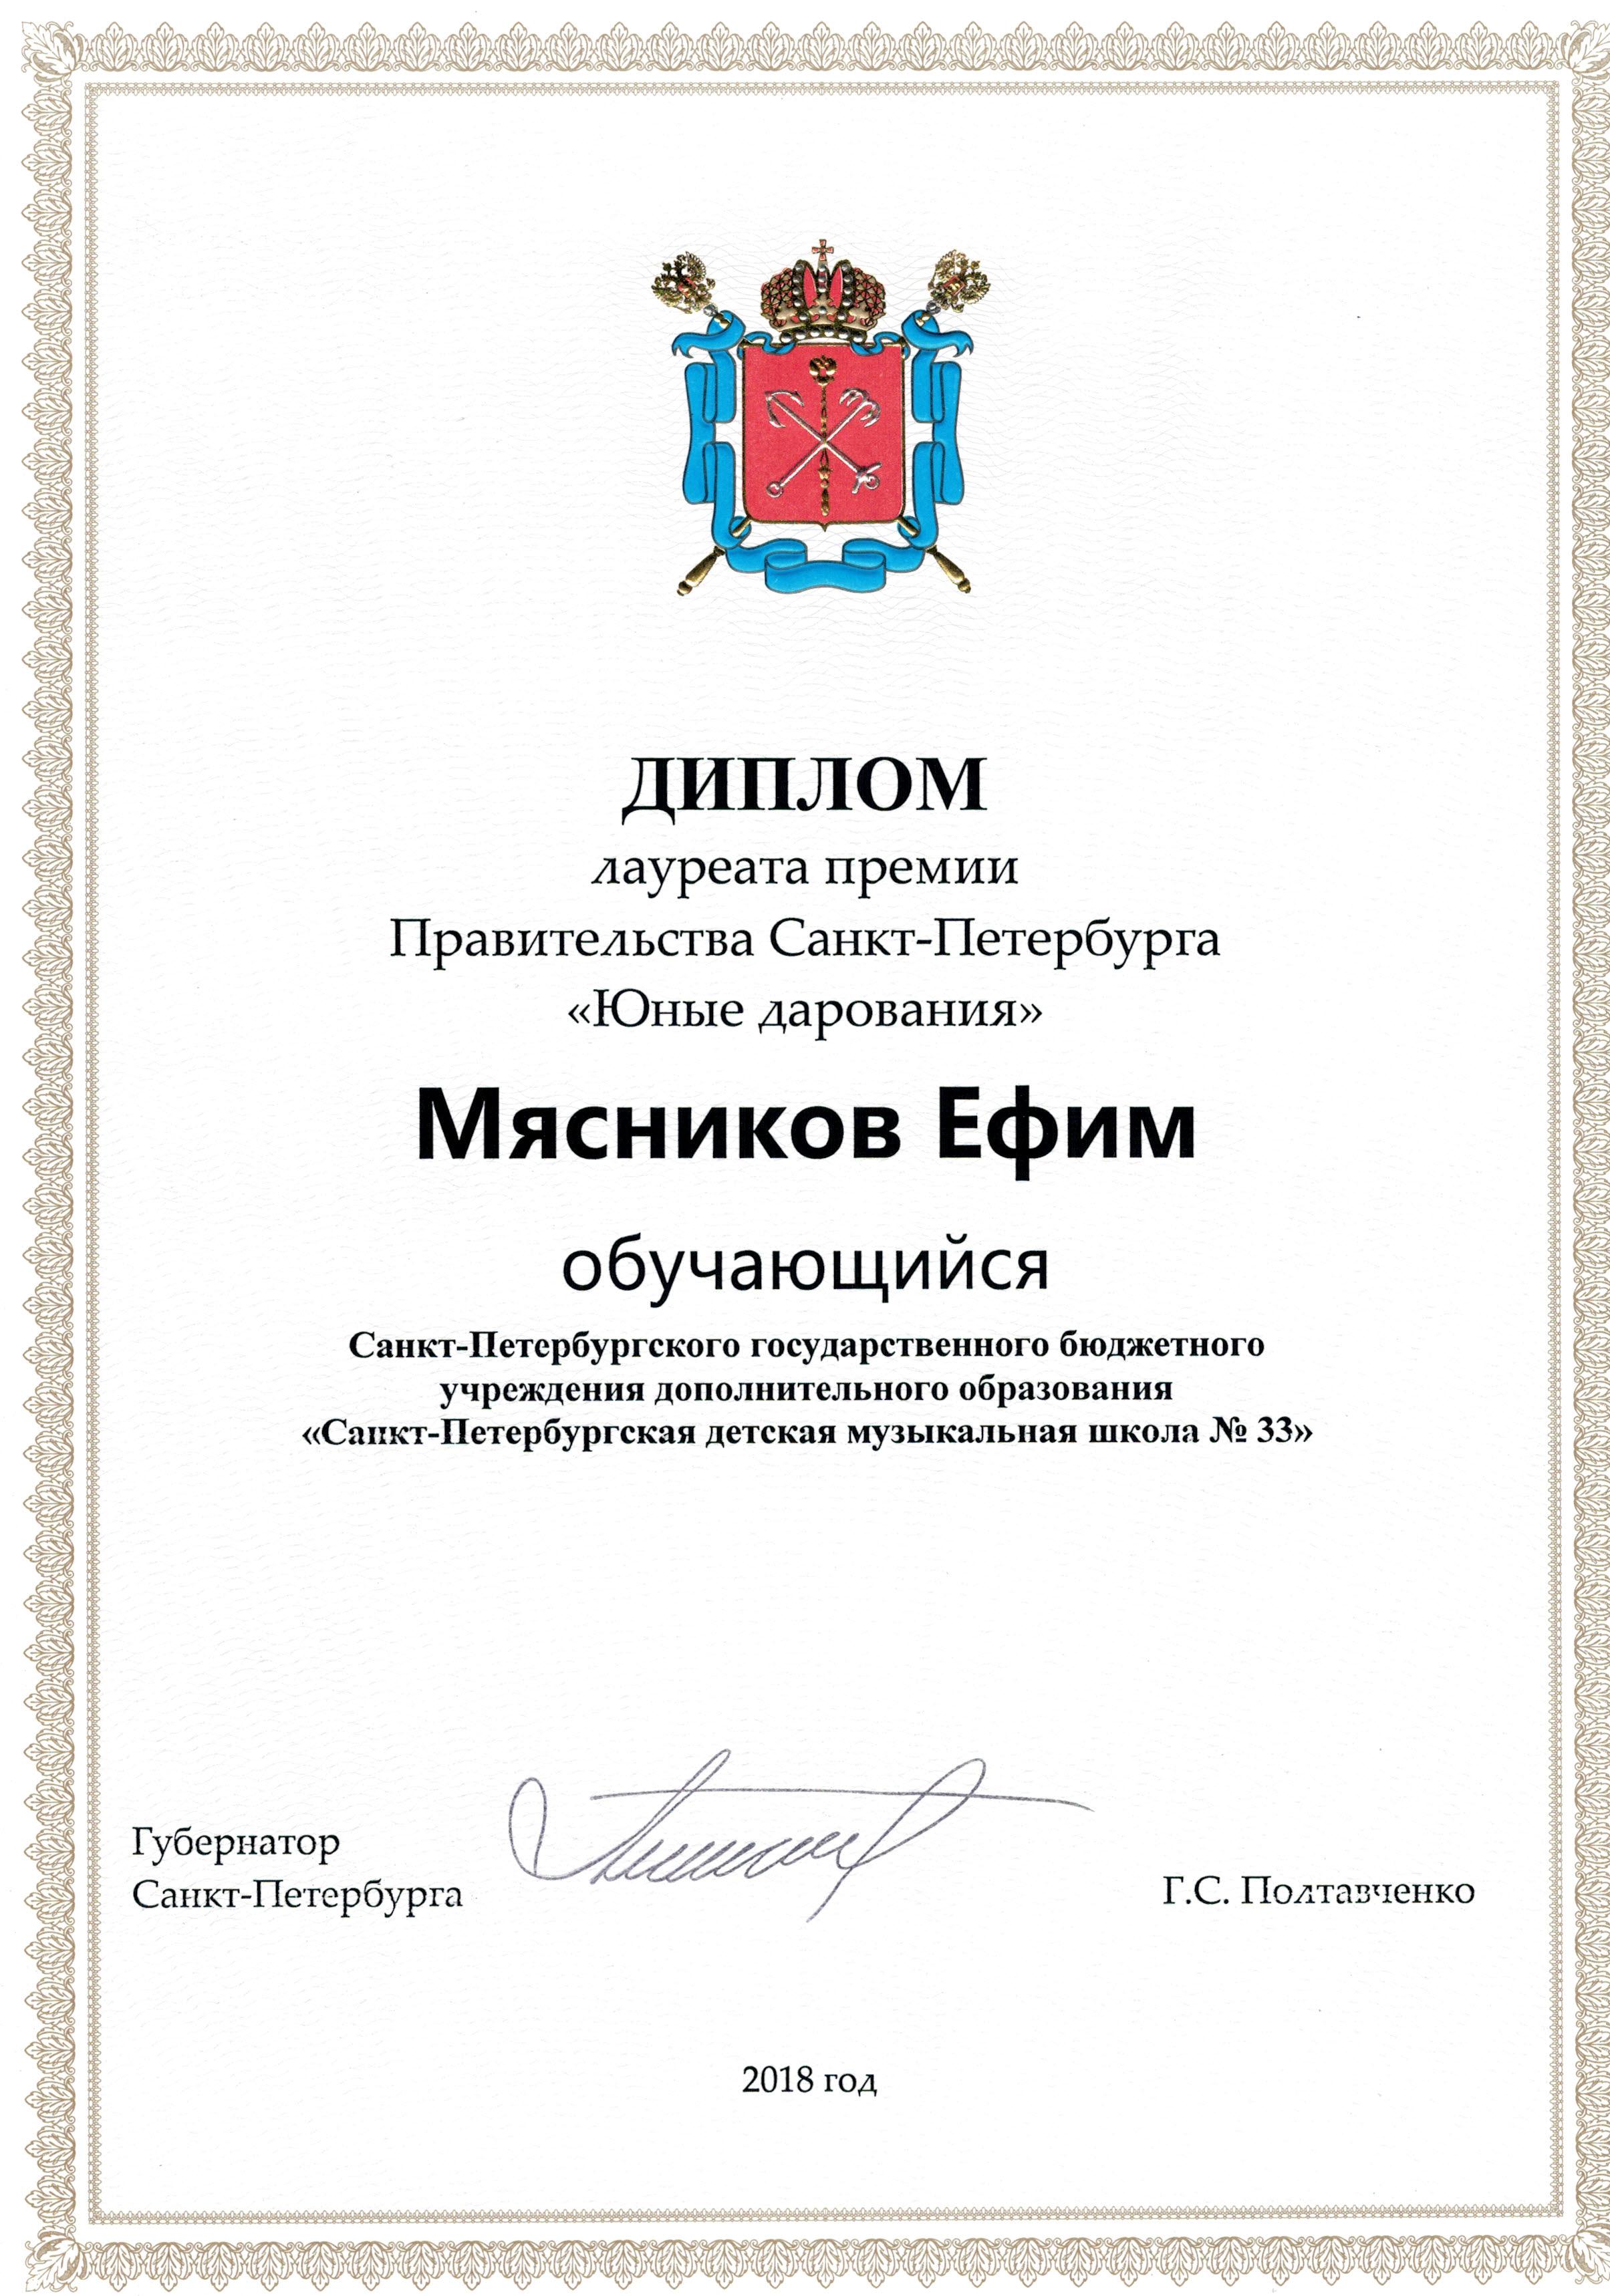 Премия Правительства СПб